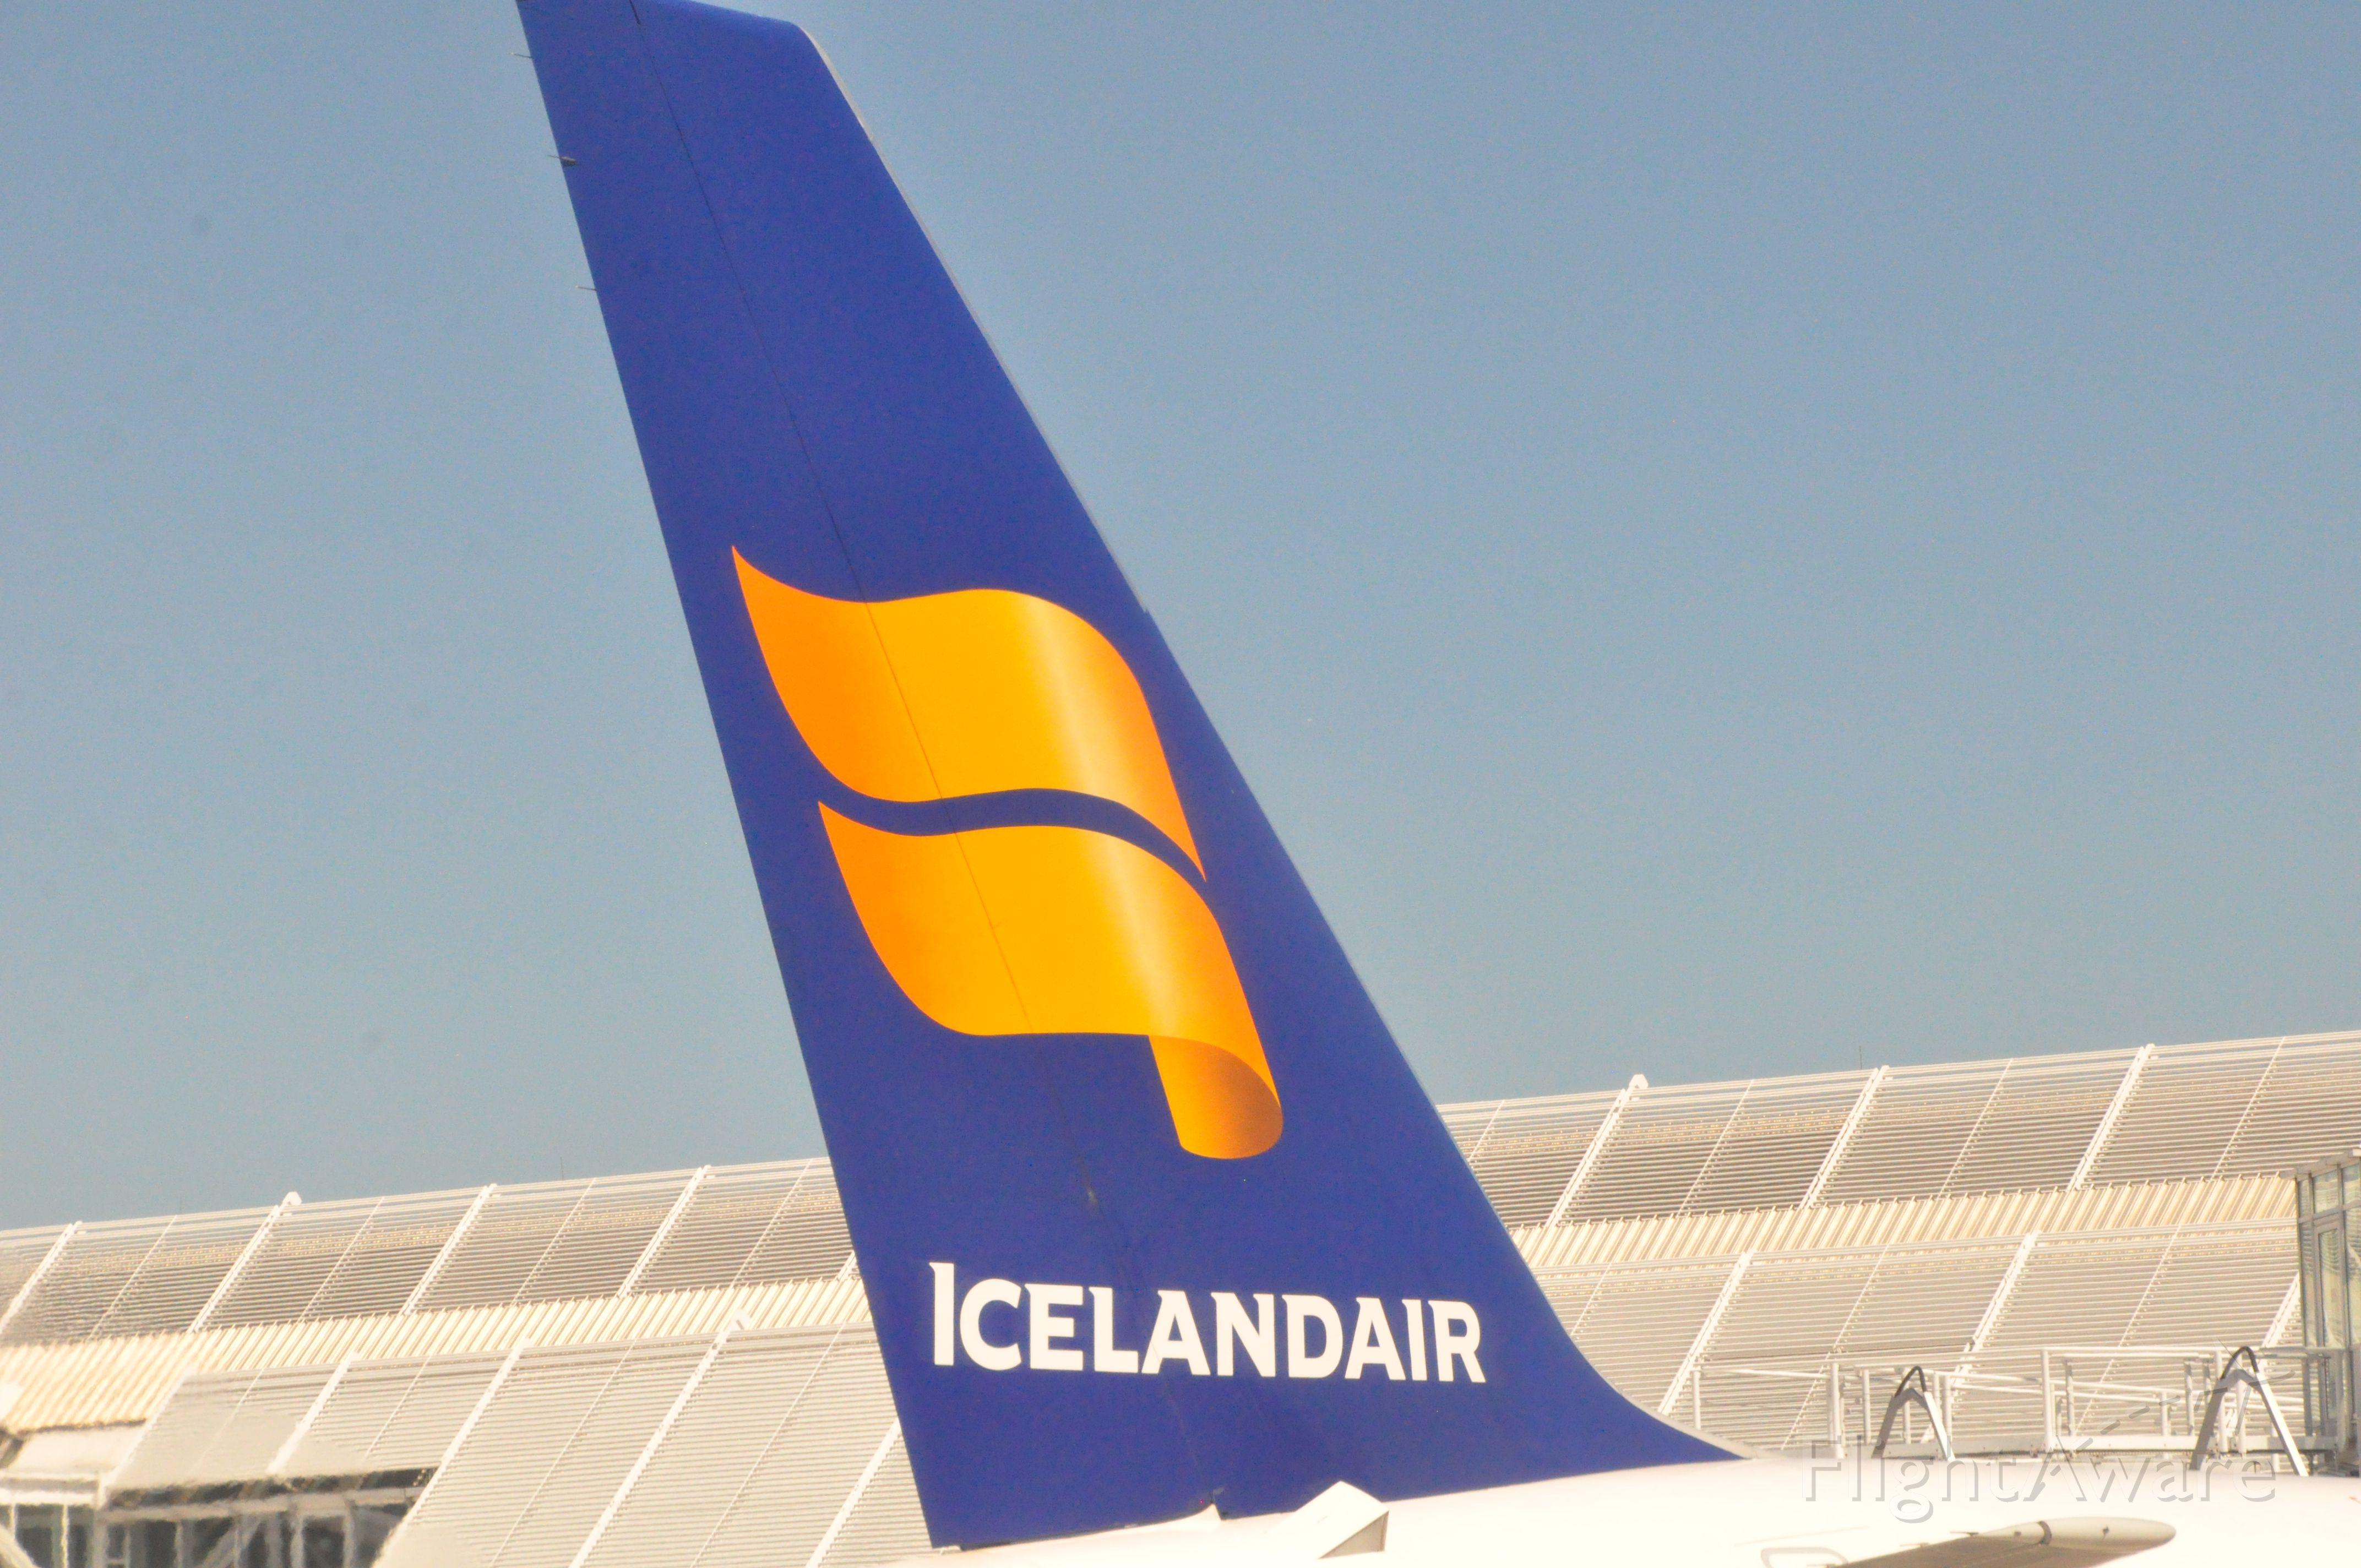 — — - Icelandair in Munich, 1 August 2013